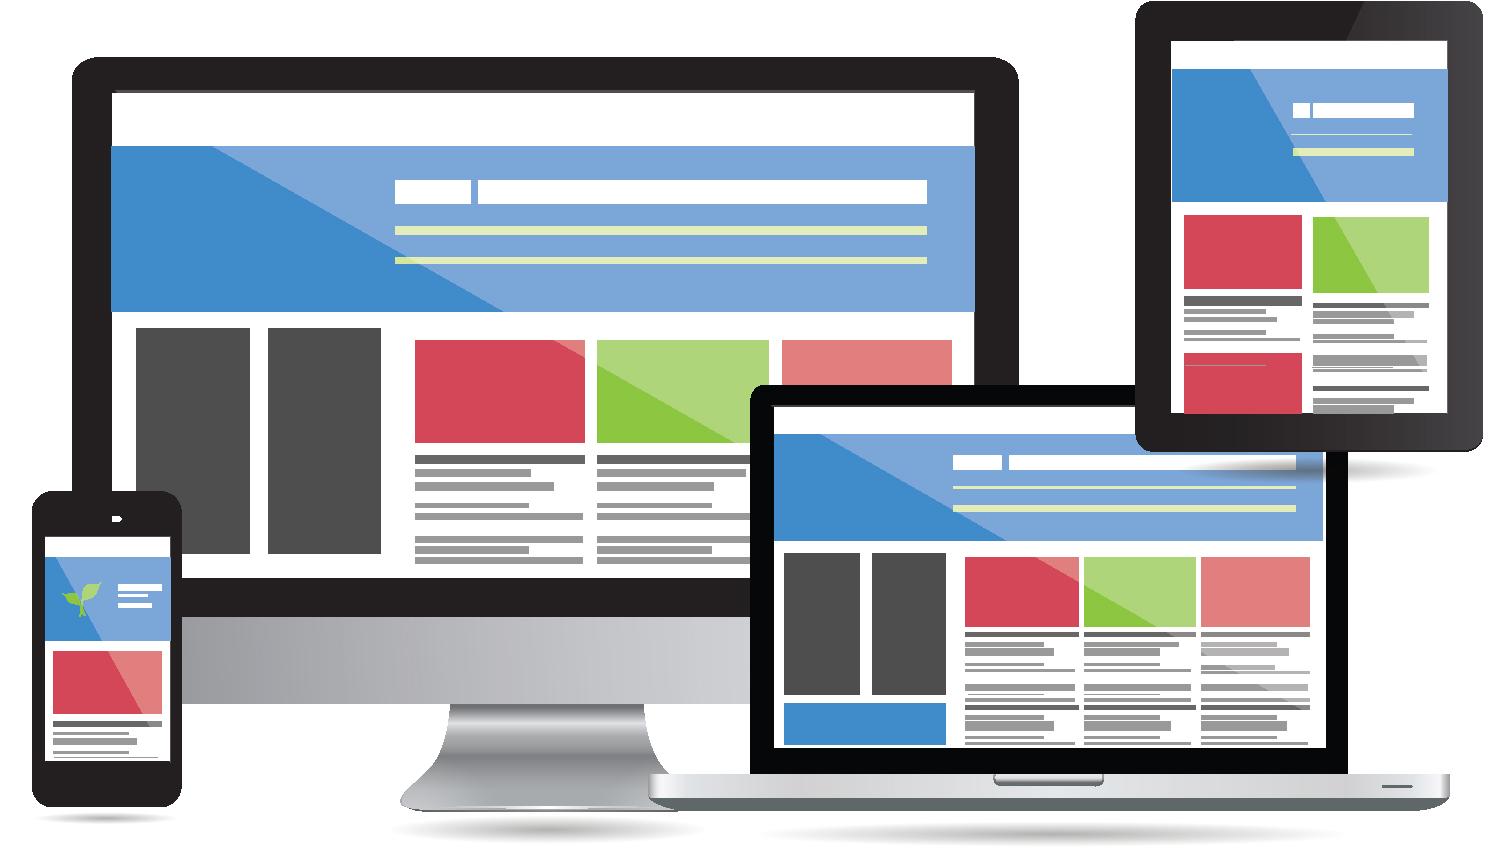 Progettare siti web in maniera efficace